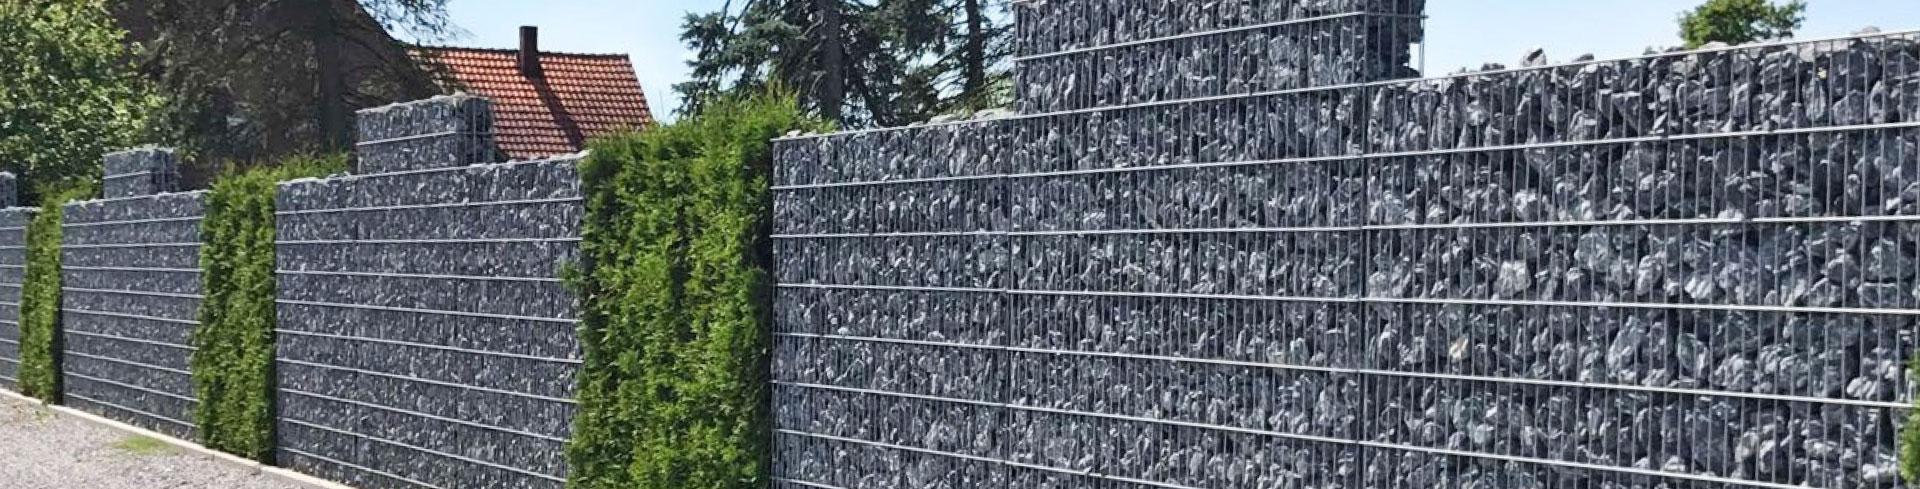 Gabionen - Zaunreich - Qualitätszäune und Tore